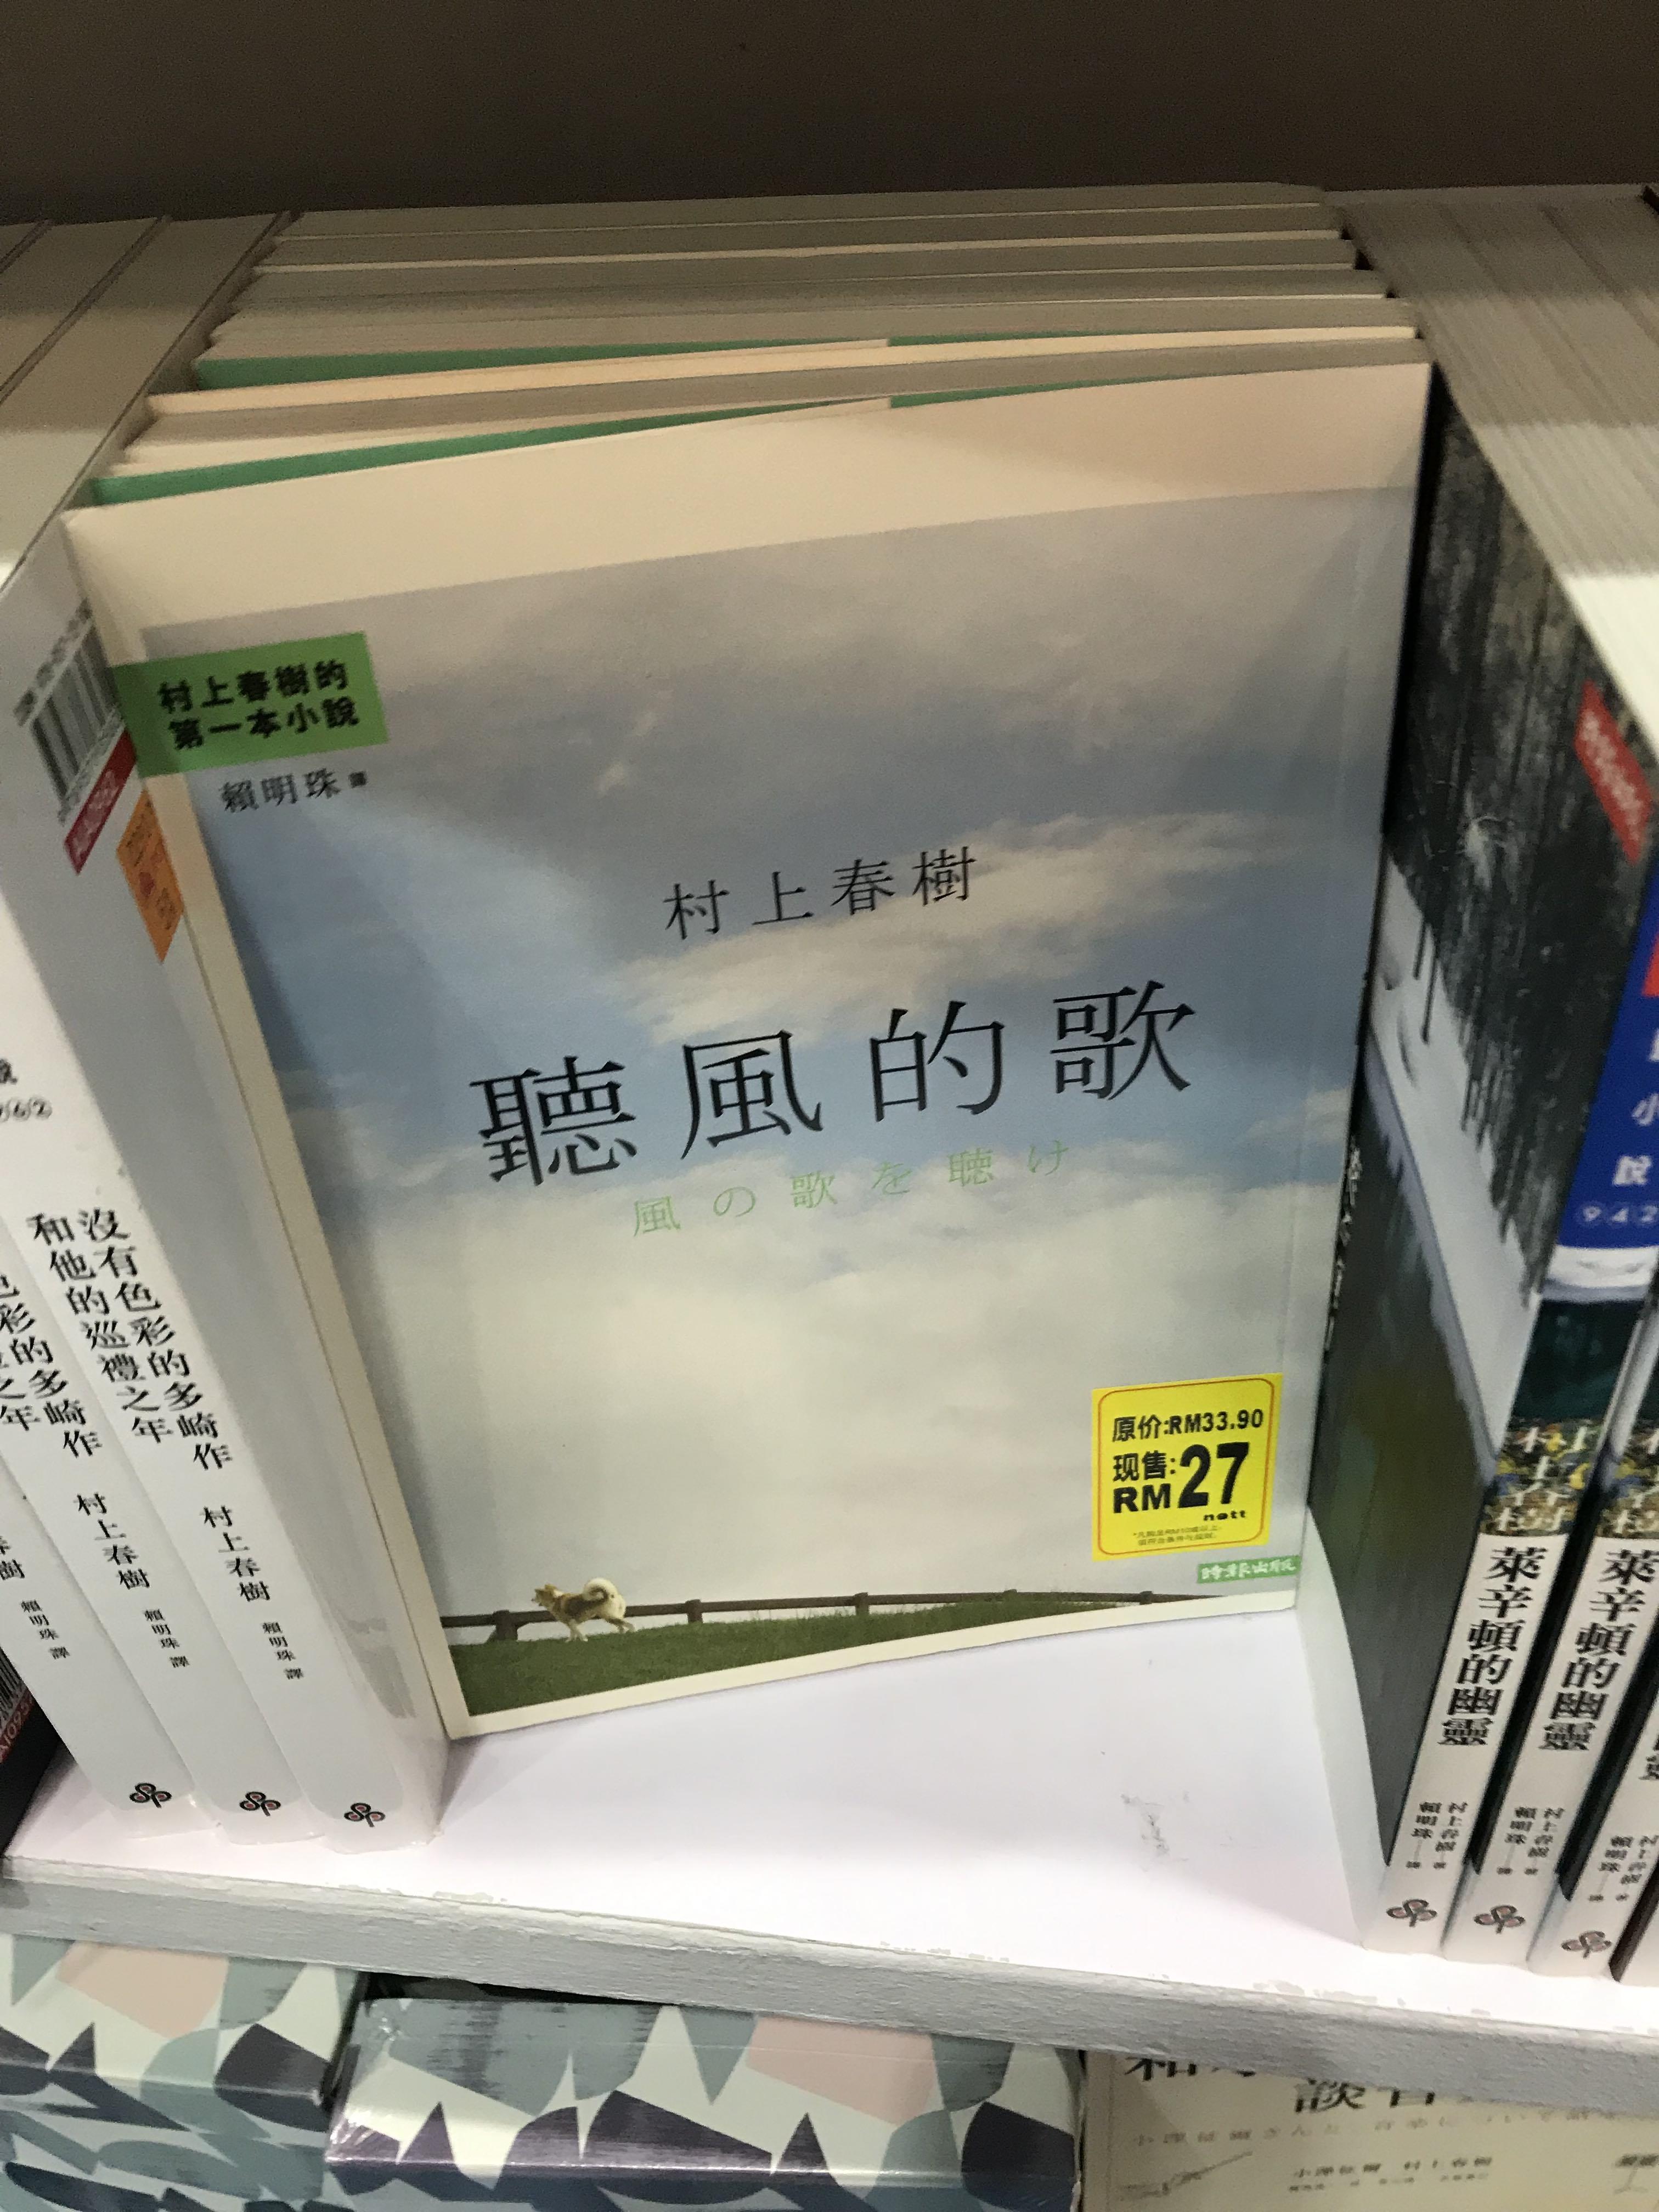 book-fair-00010